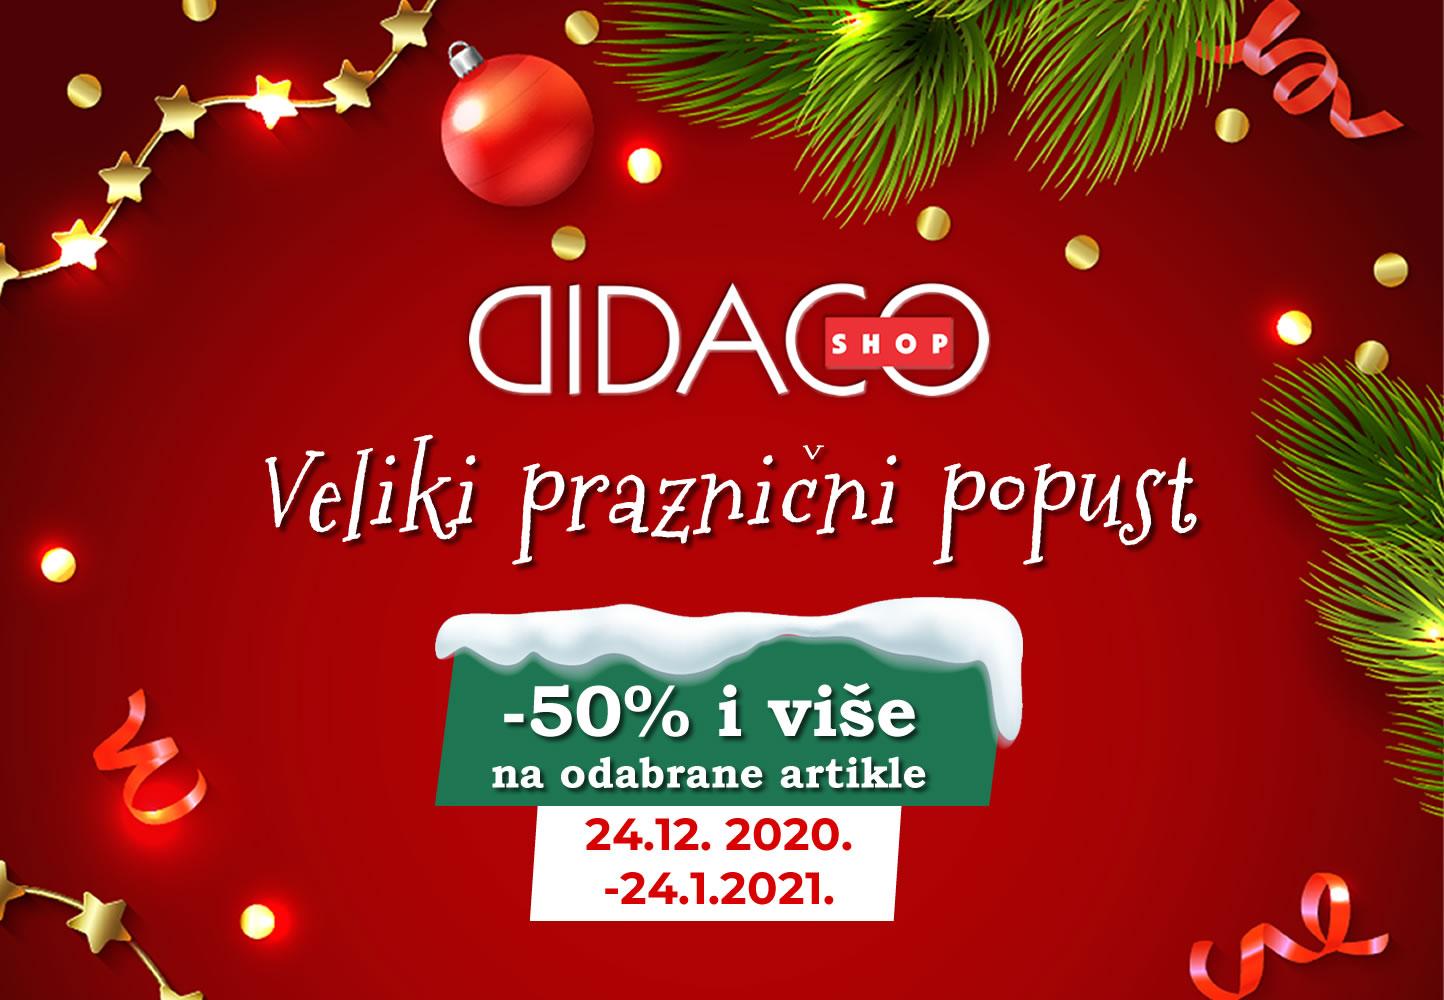 Didaco Shop praznični popust